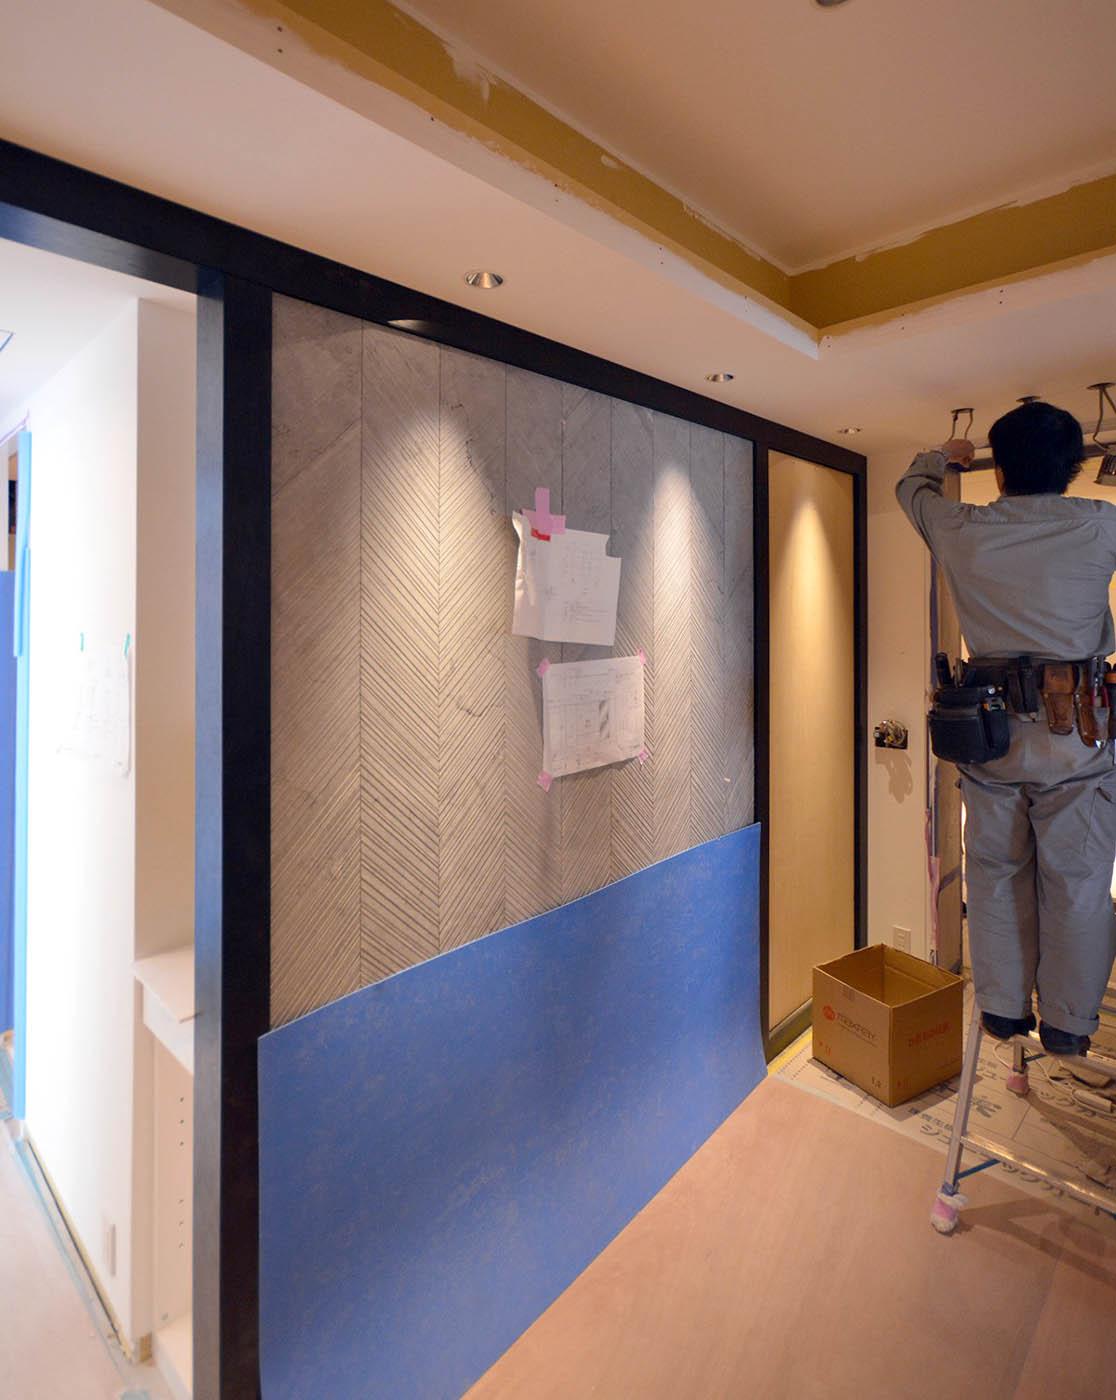 玄関ホールの木製枠とサルバトーリの加工大理石張り